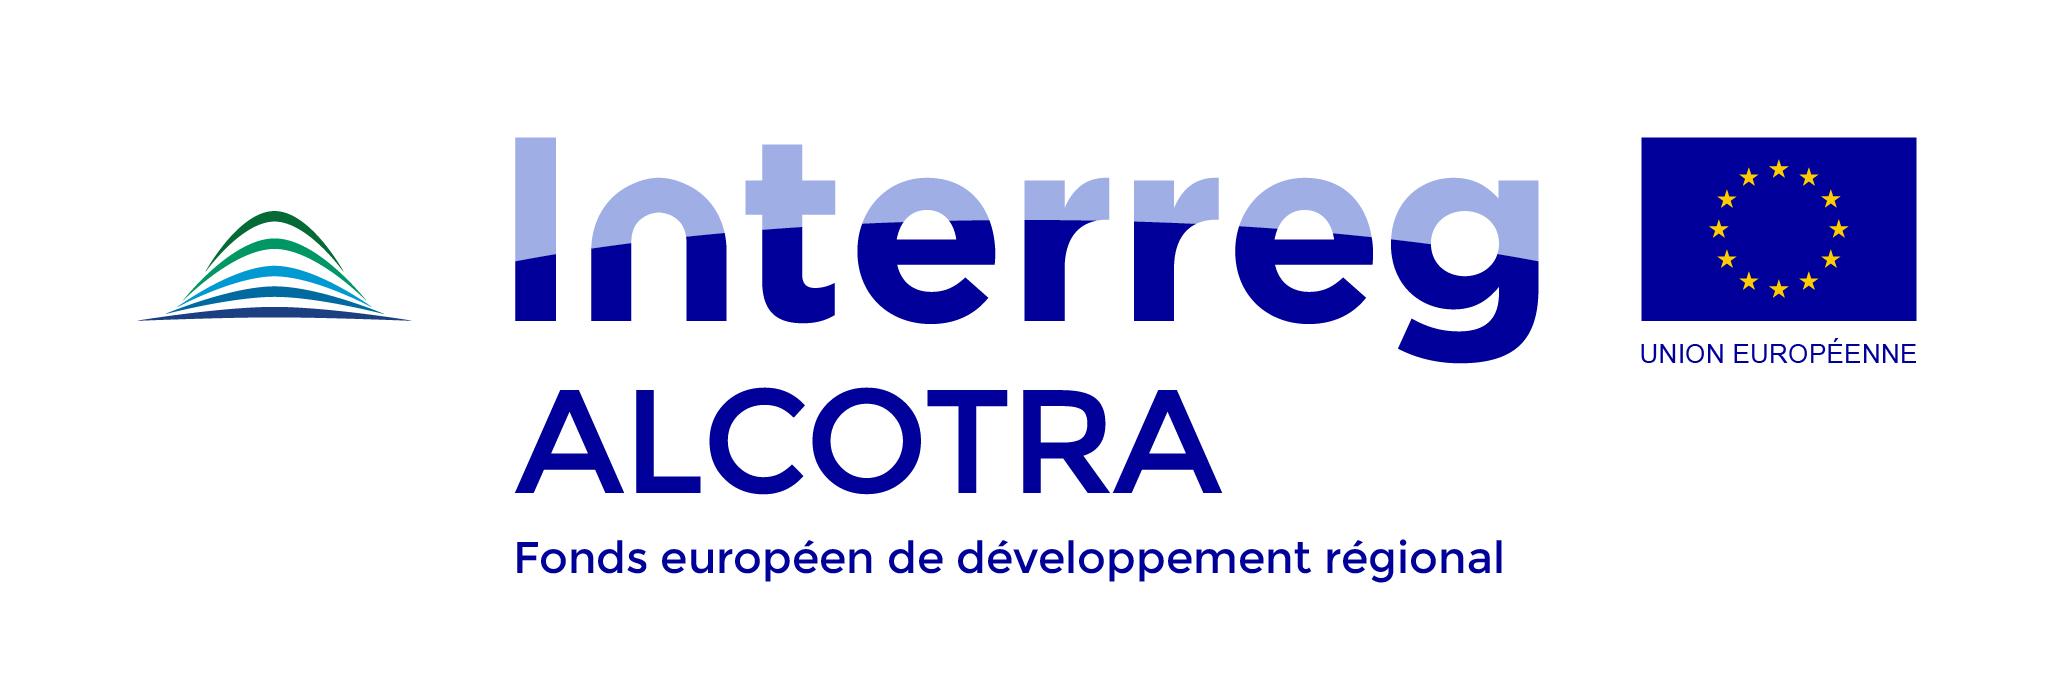 interreg_alcotra_fr_rgb.jpg